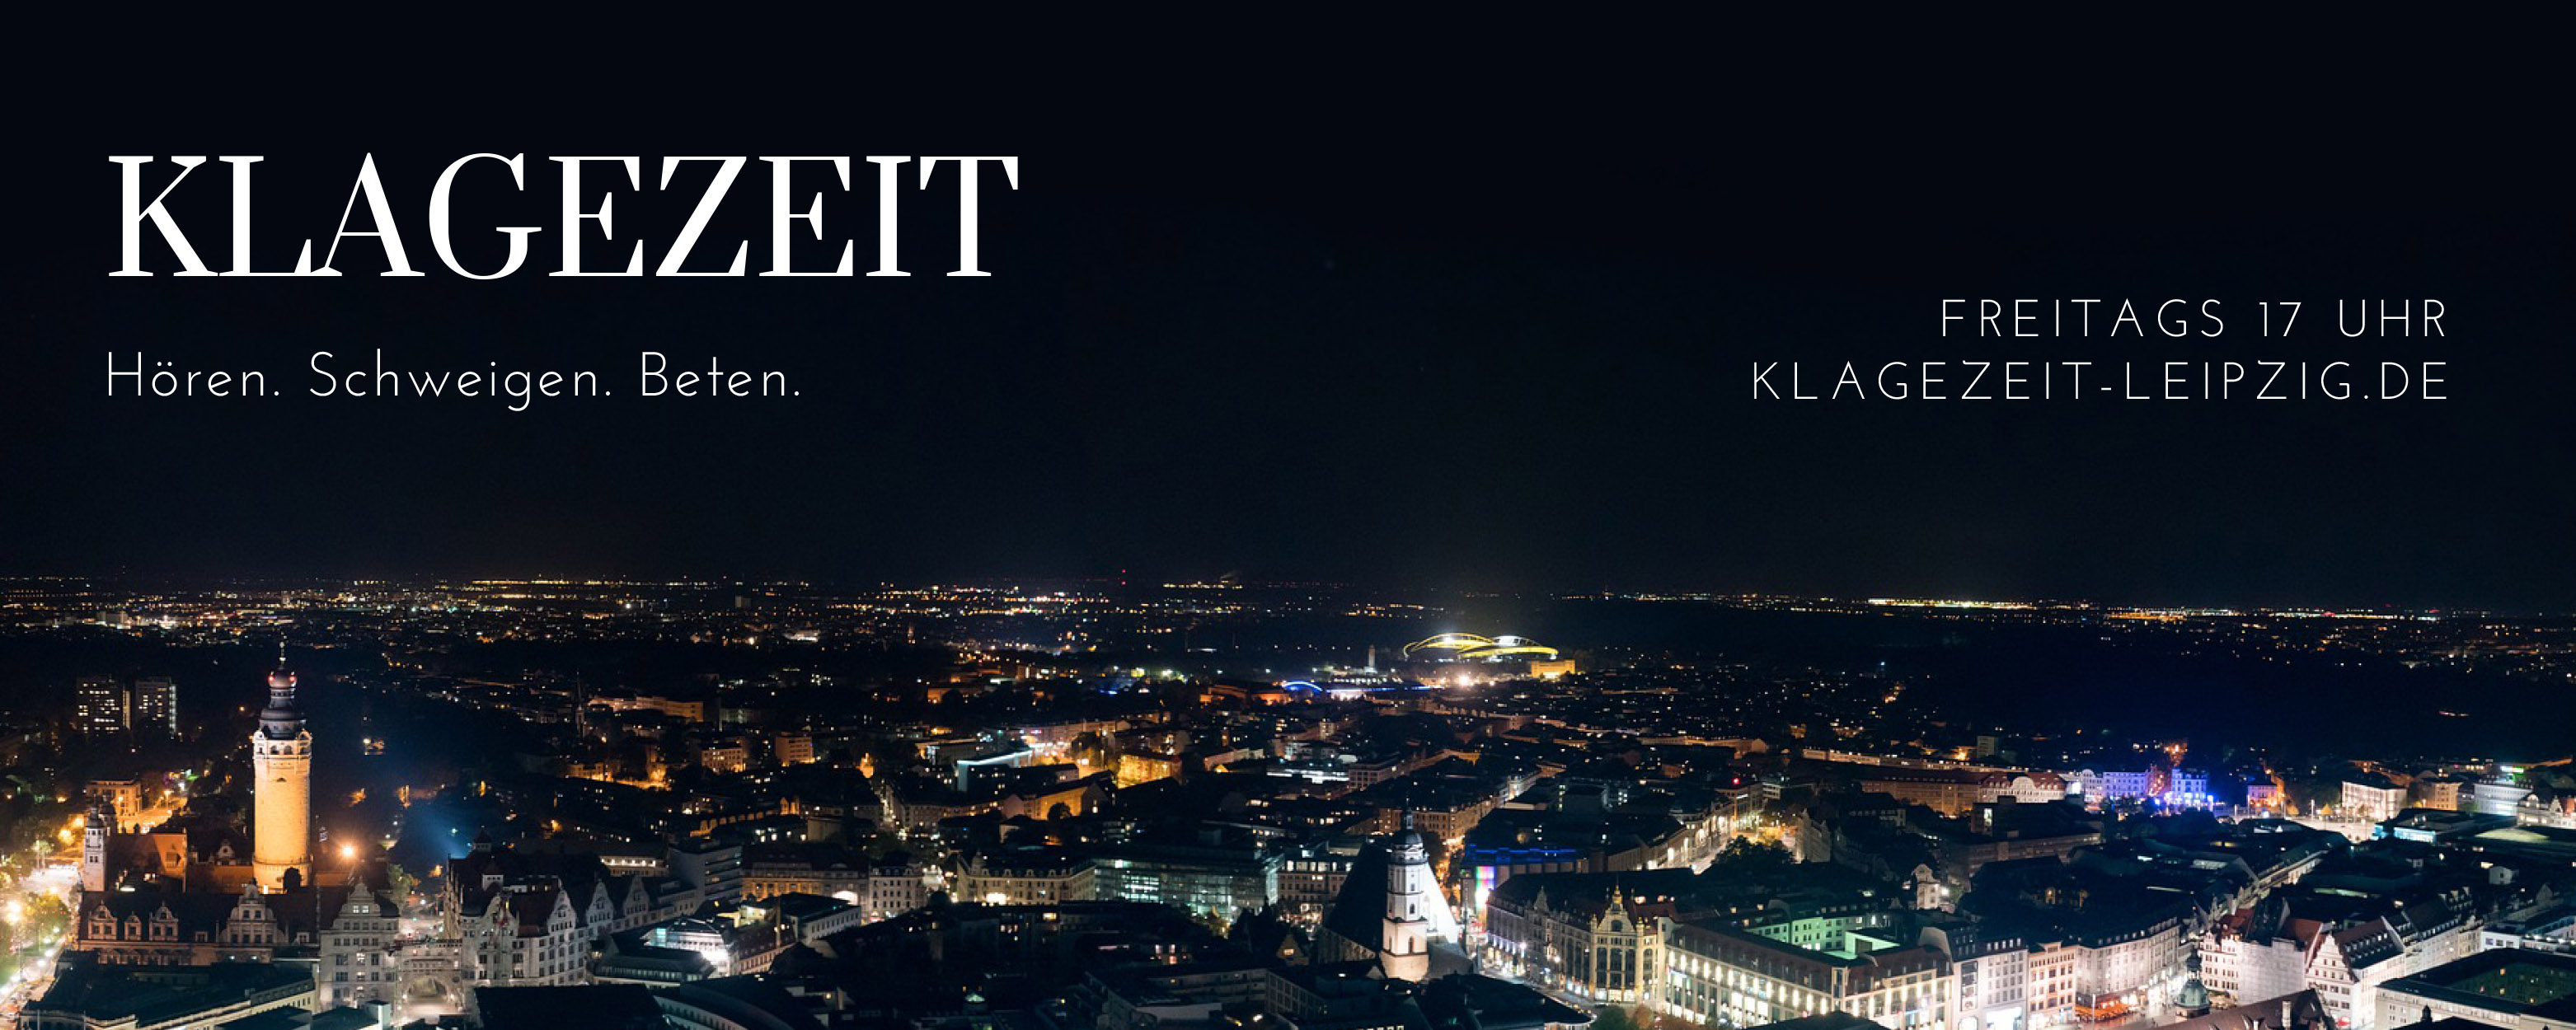 Klagezeit Leipzig